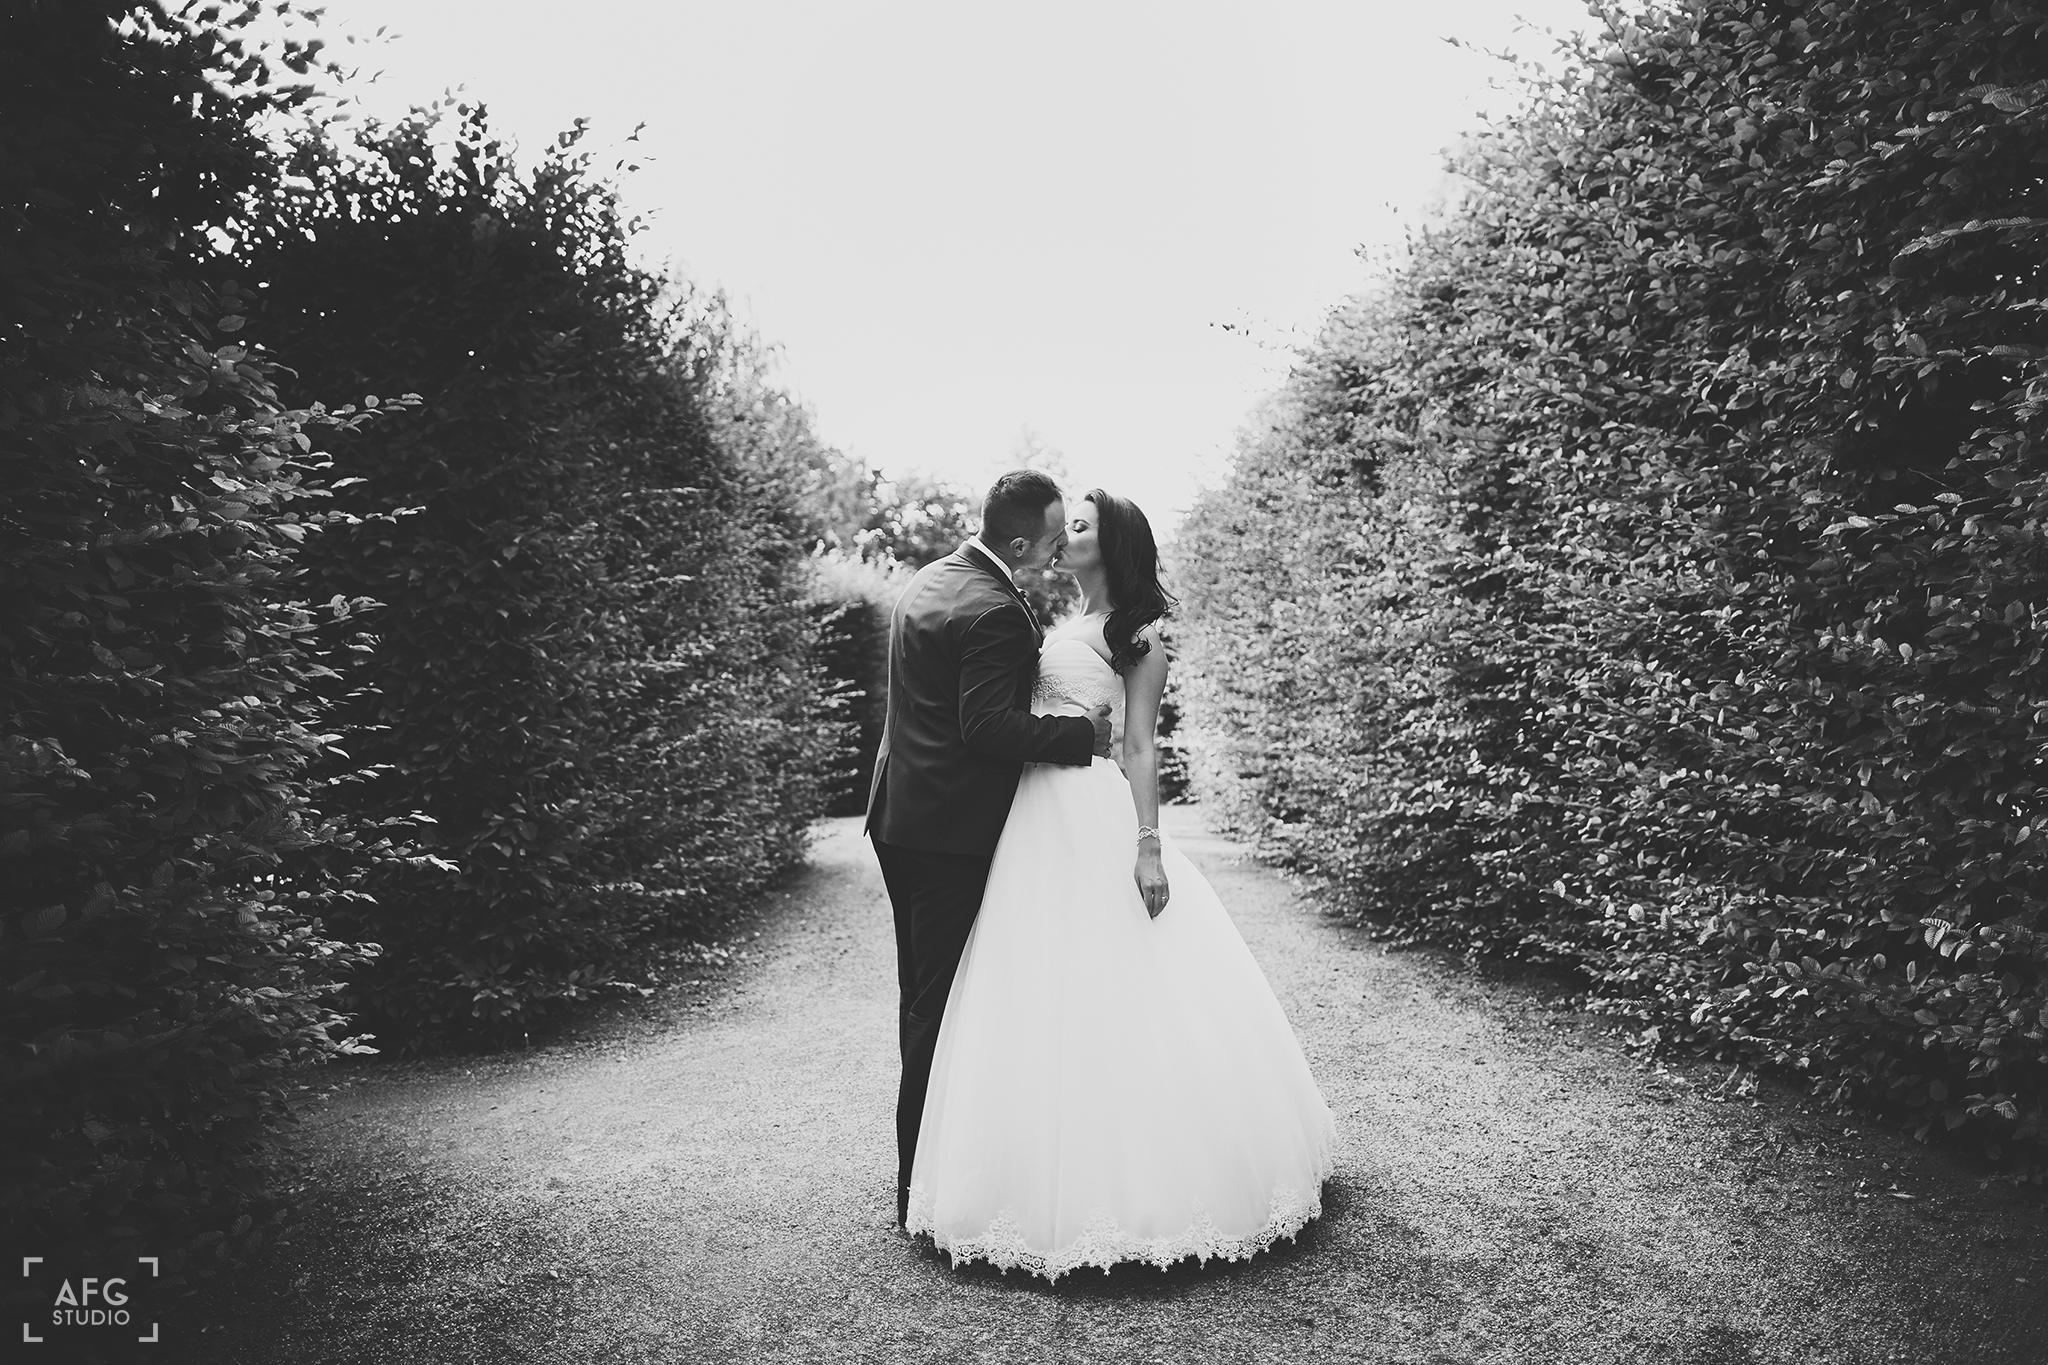 ogród, nowożeńcy, pocałunek